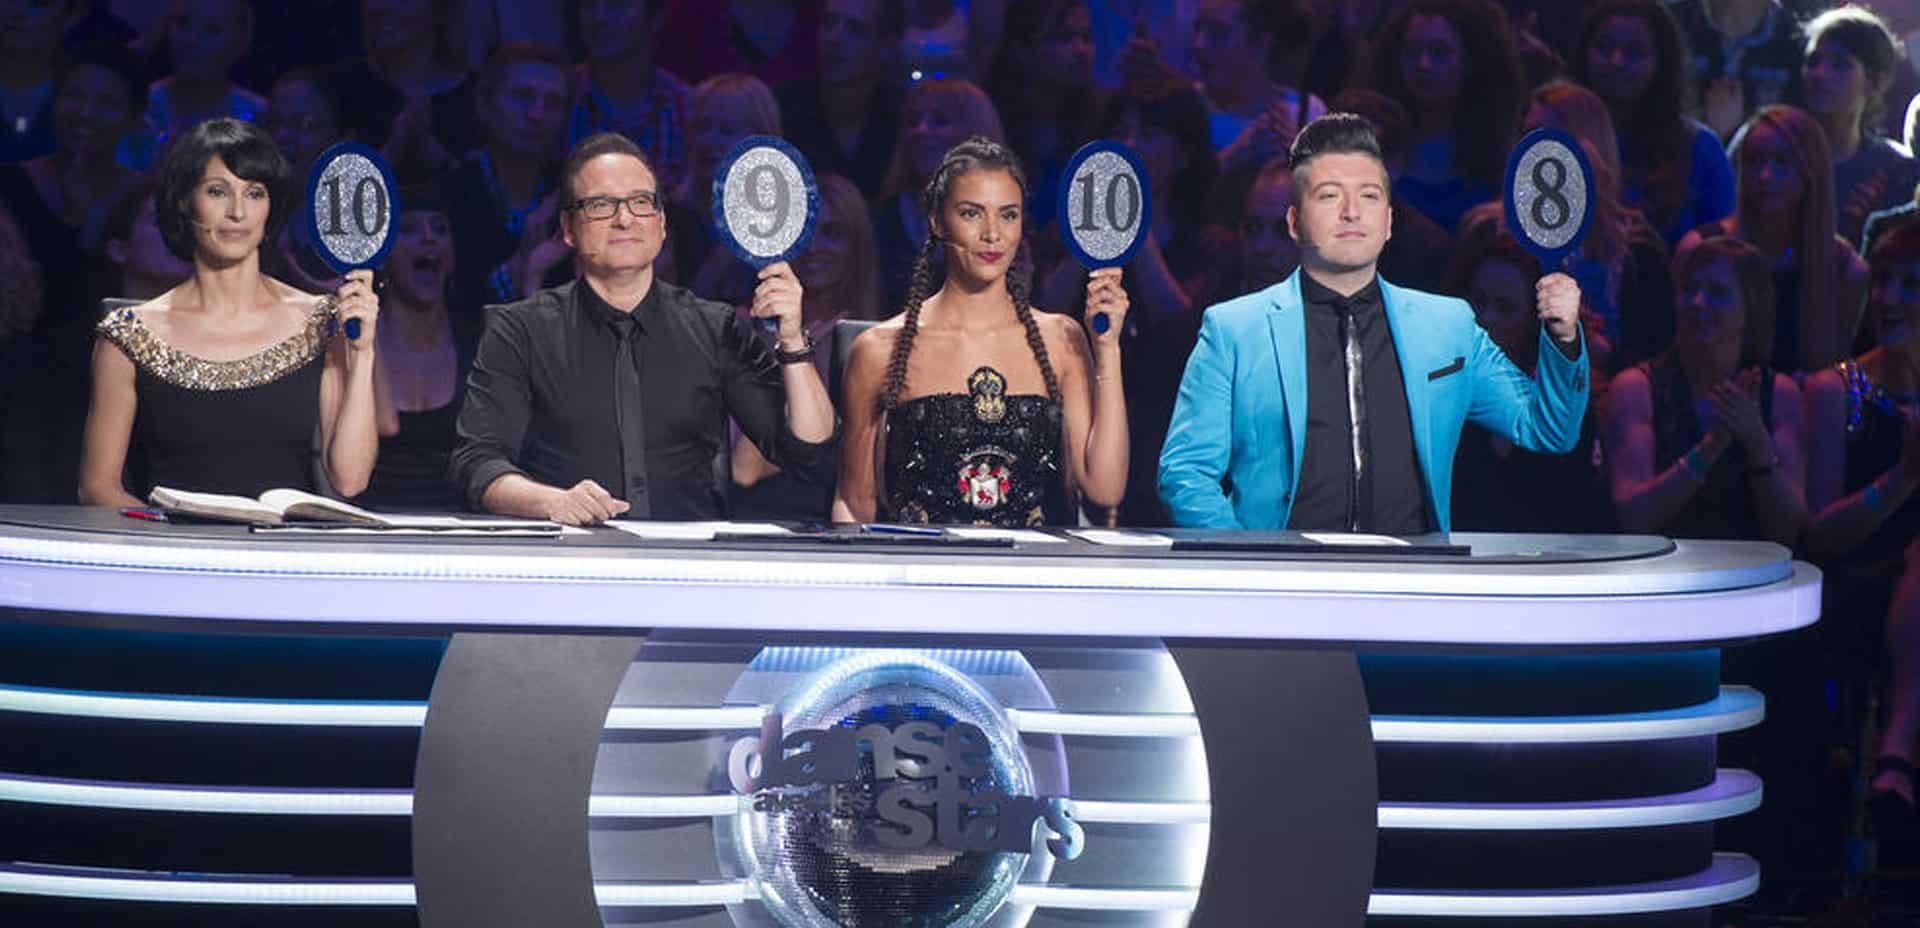 Danse avec les stars 4 Emission 5 du 26 octobre 2013 Pietragalla Jean Marc Généreux Shy'm en on aura tout vu  et Chris Marques